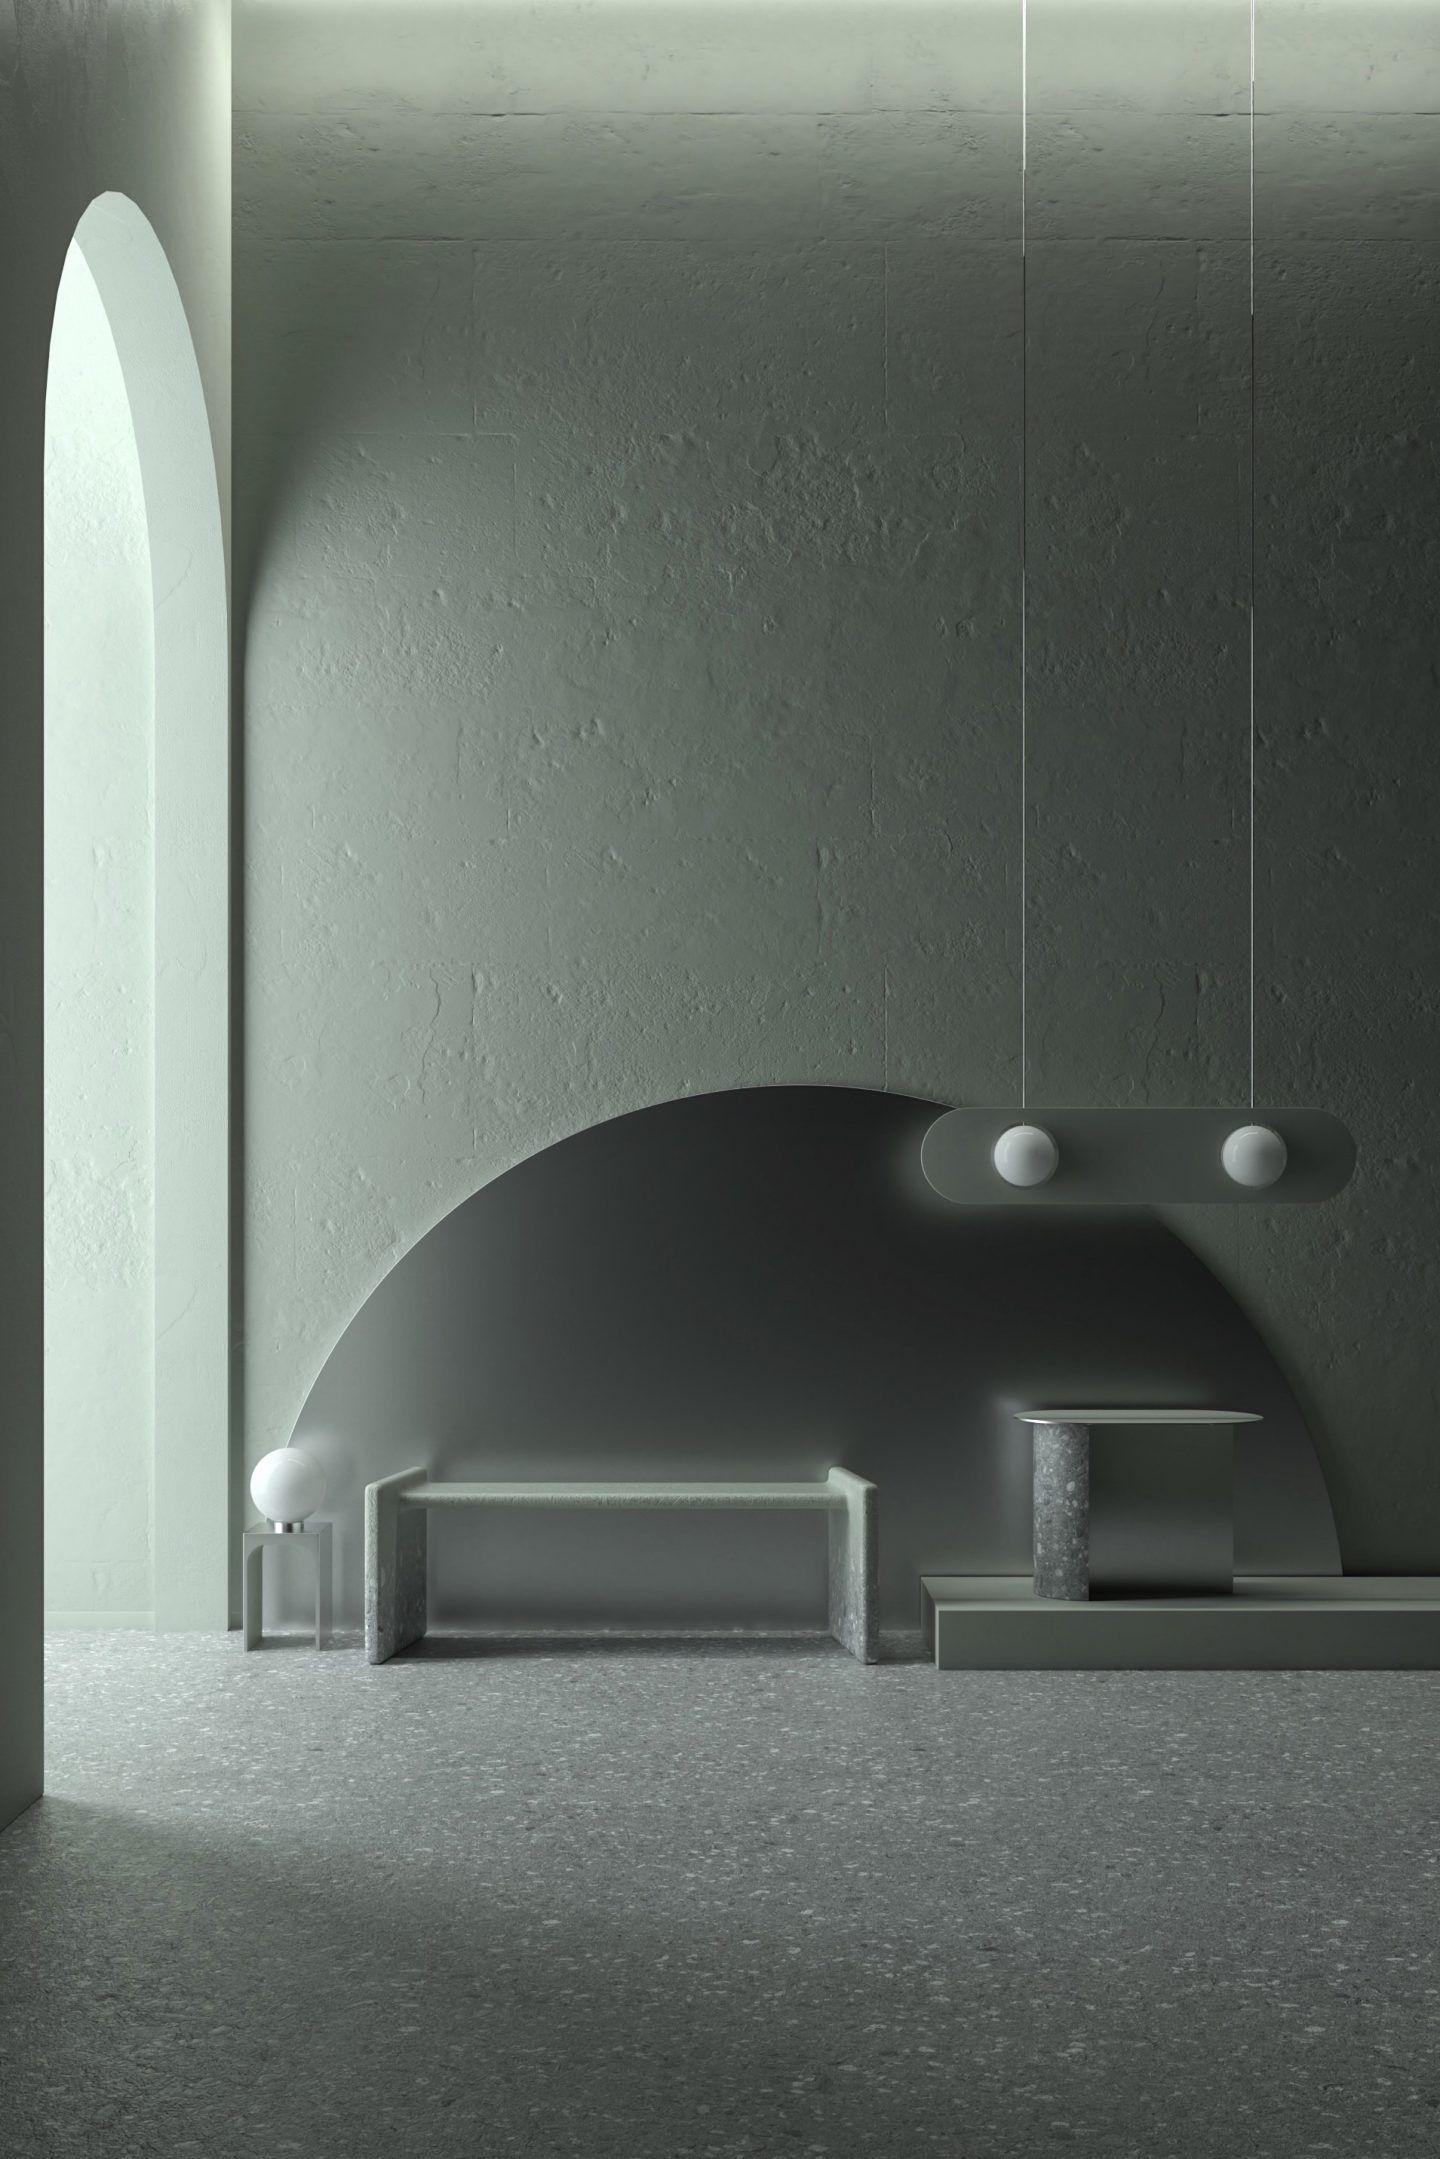 IGNANT-Art-Stefano-Rotolo-002